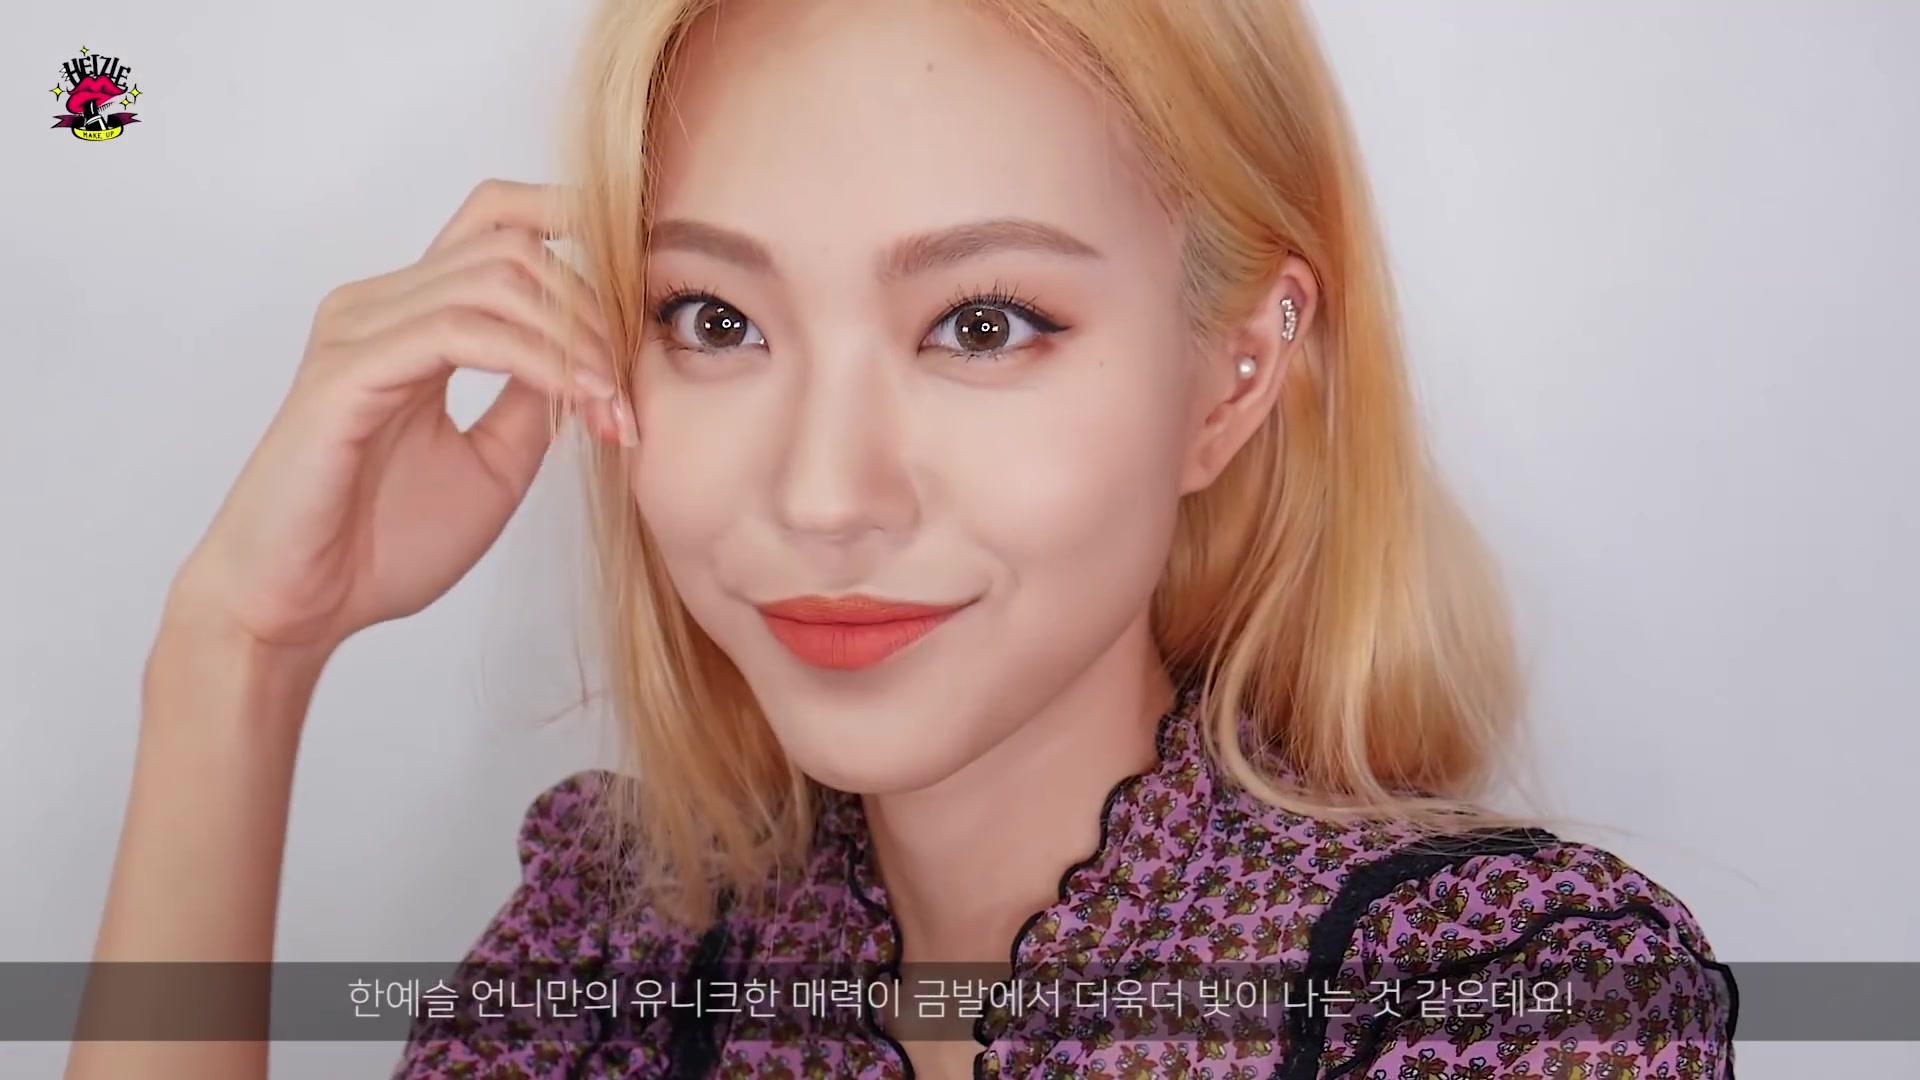 DIA TV Original: Heizle Episode 89: Han Ye Seul Makeup